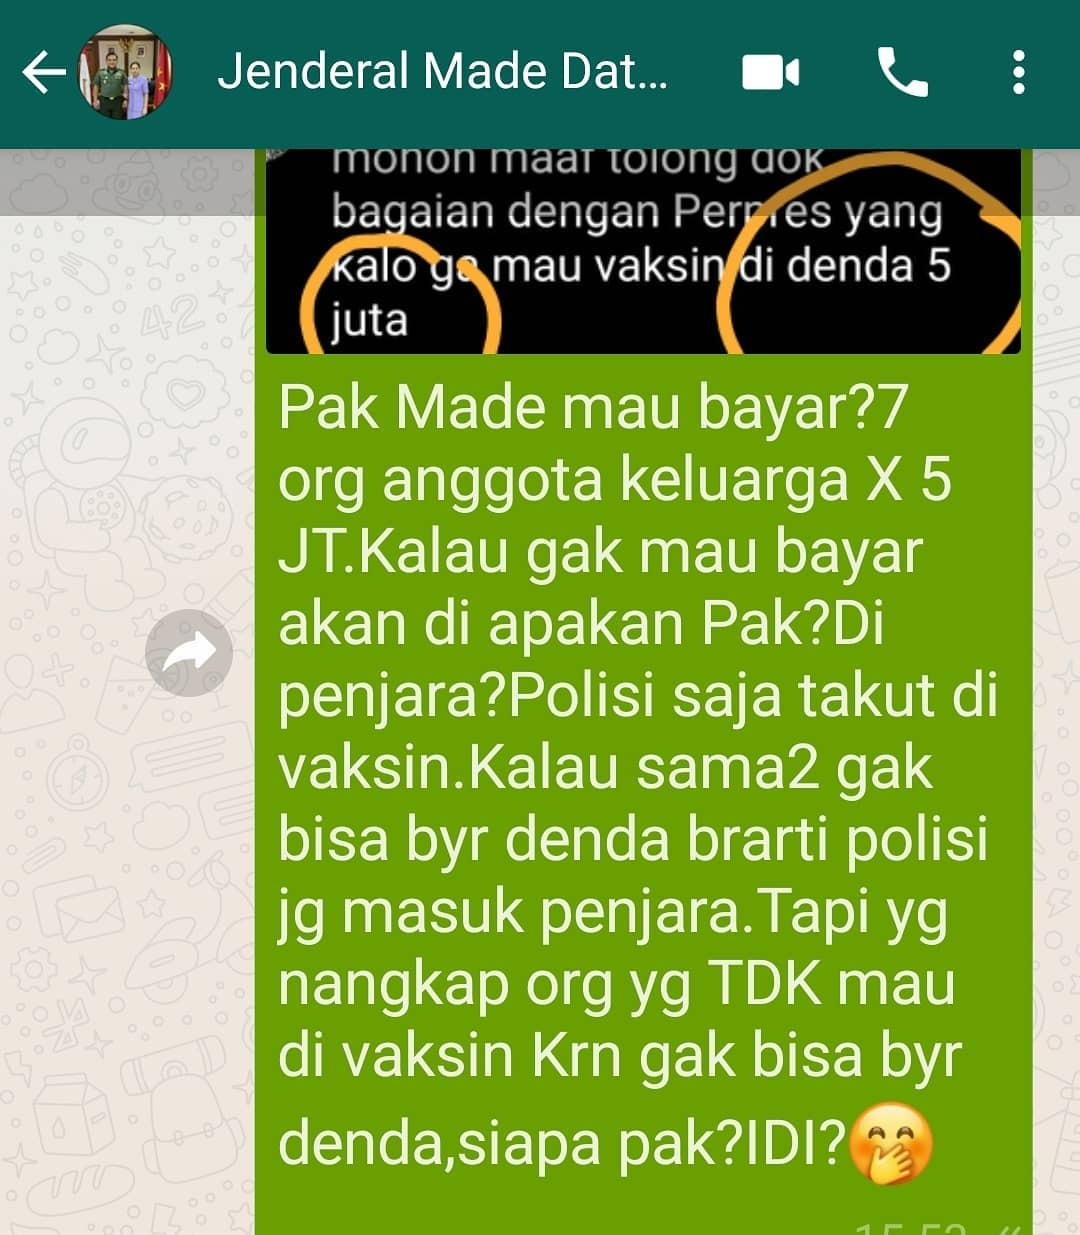 Mengejutkan! Ini Sosok Jenderal TNI Made Datrawan yang Sering Disebut-sebut dr Lois Owien